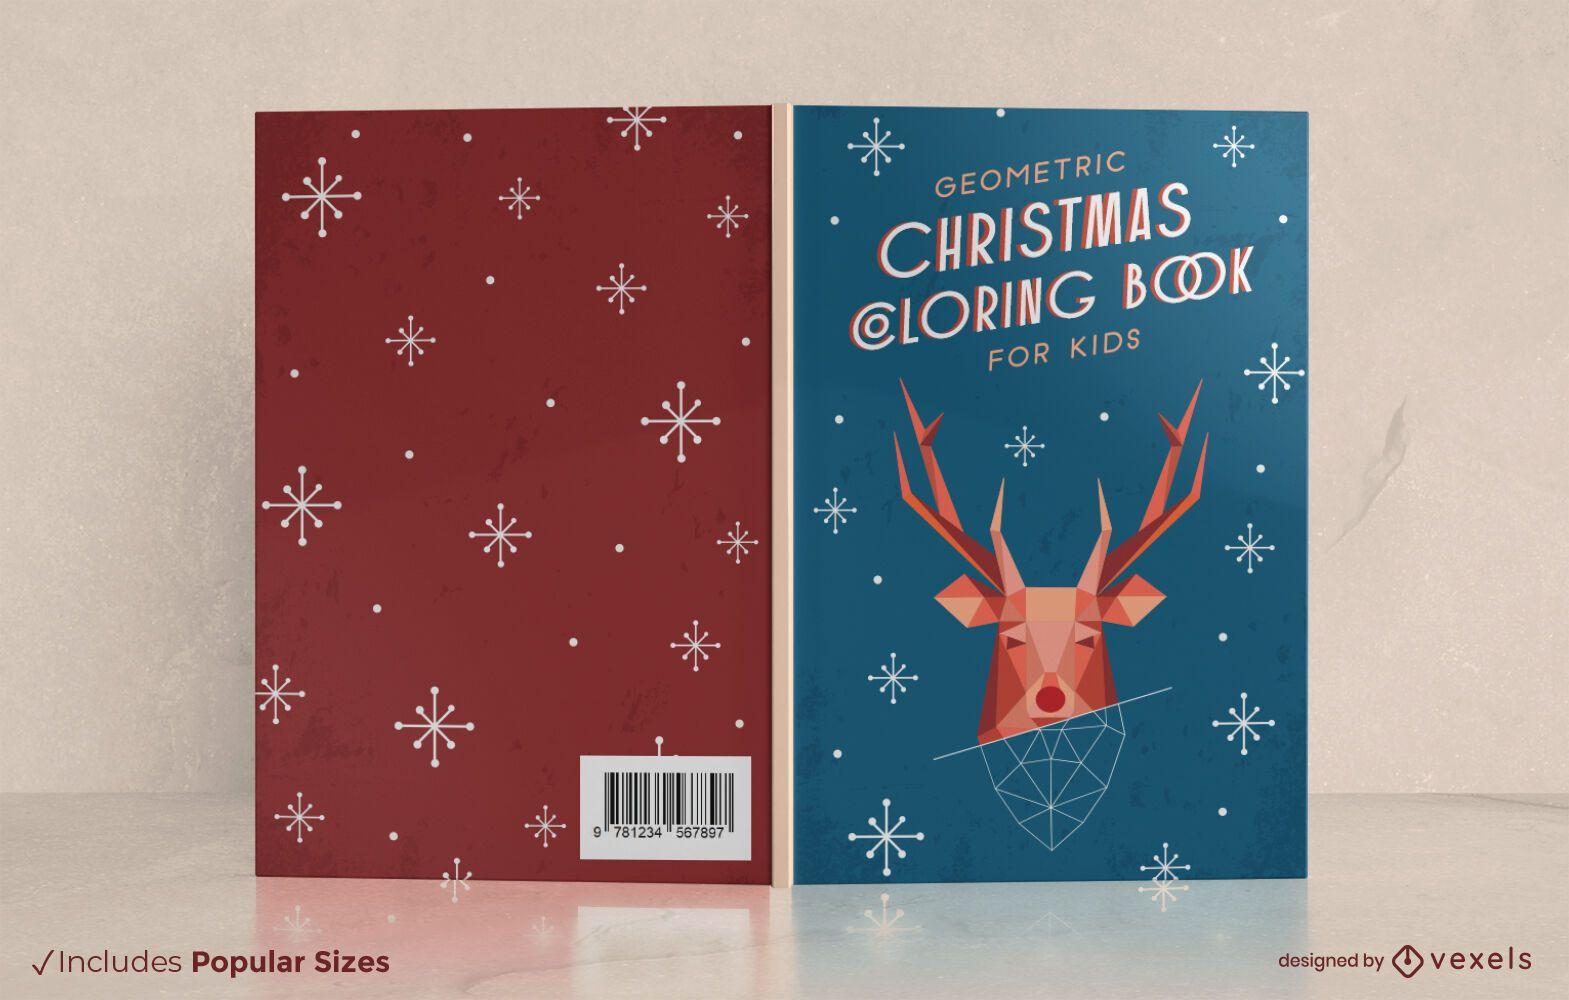 Dise?o de portada de libro de colorear de navidad geom?trico